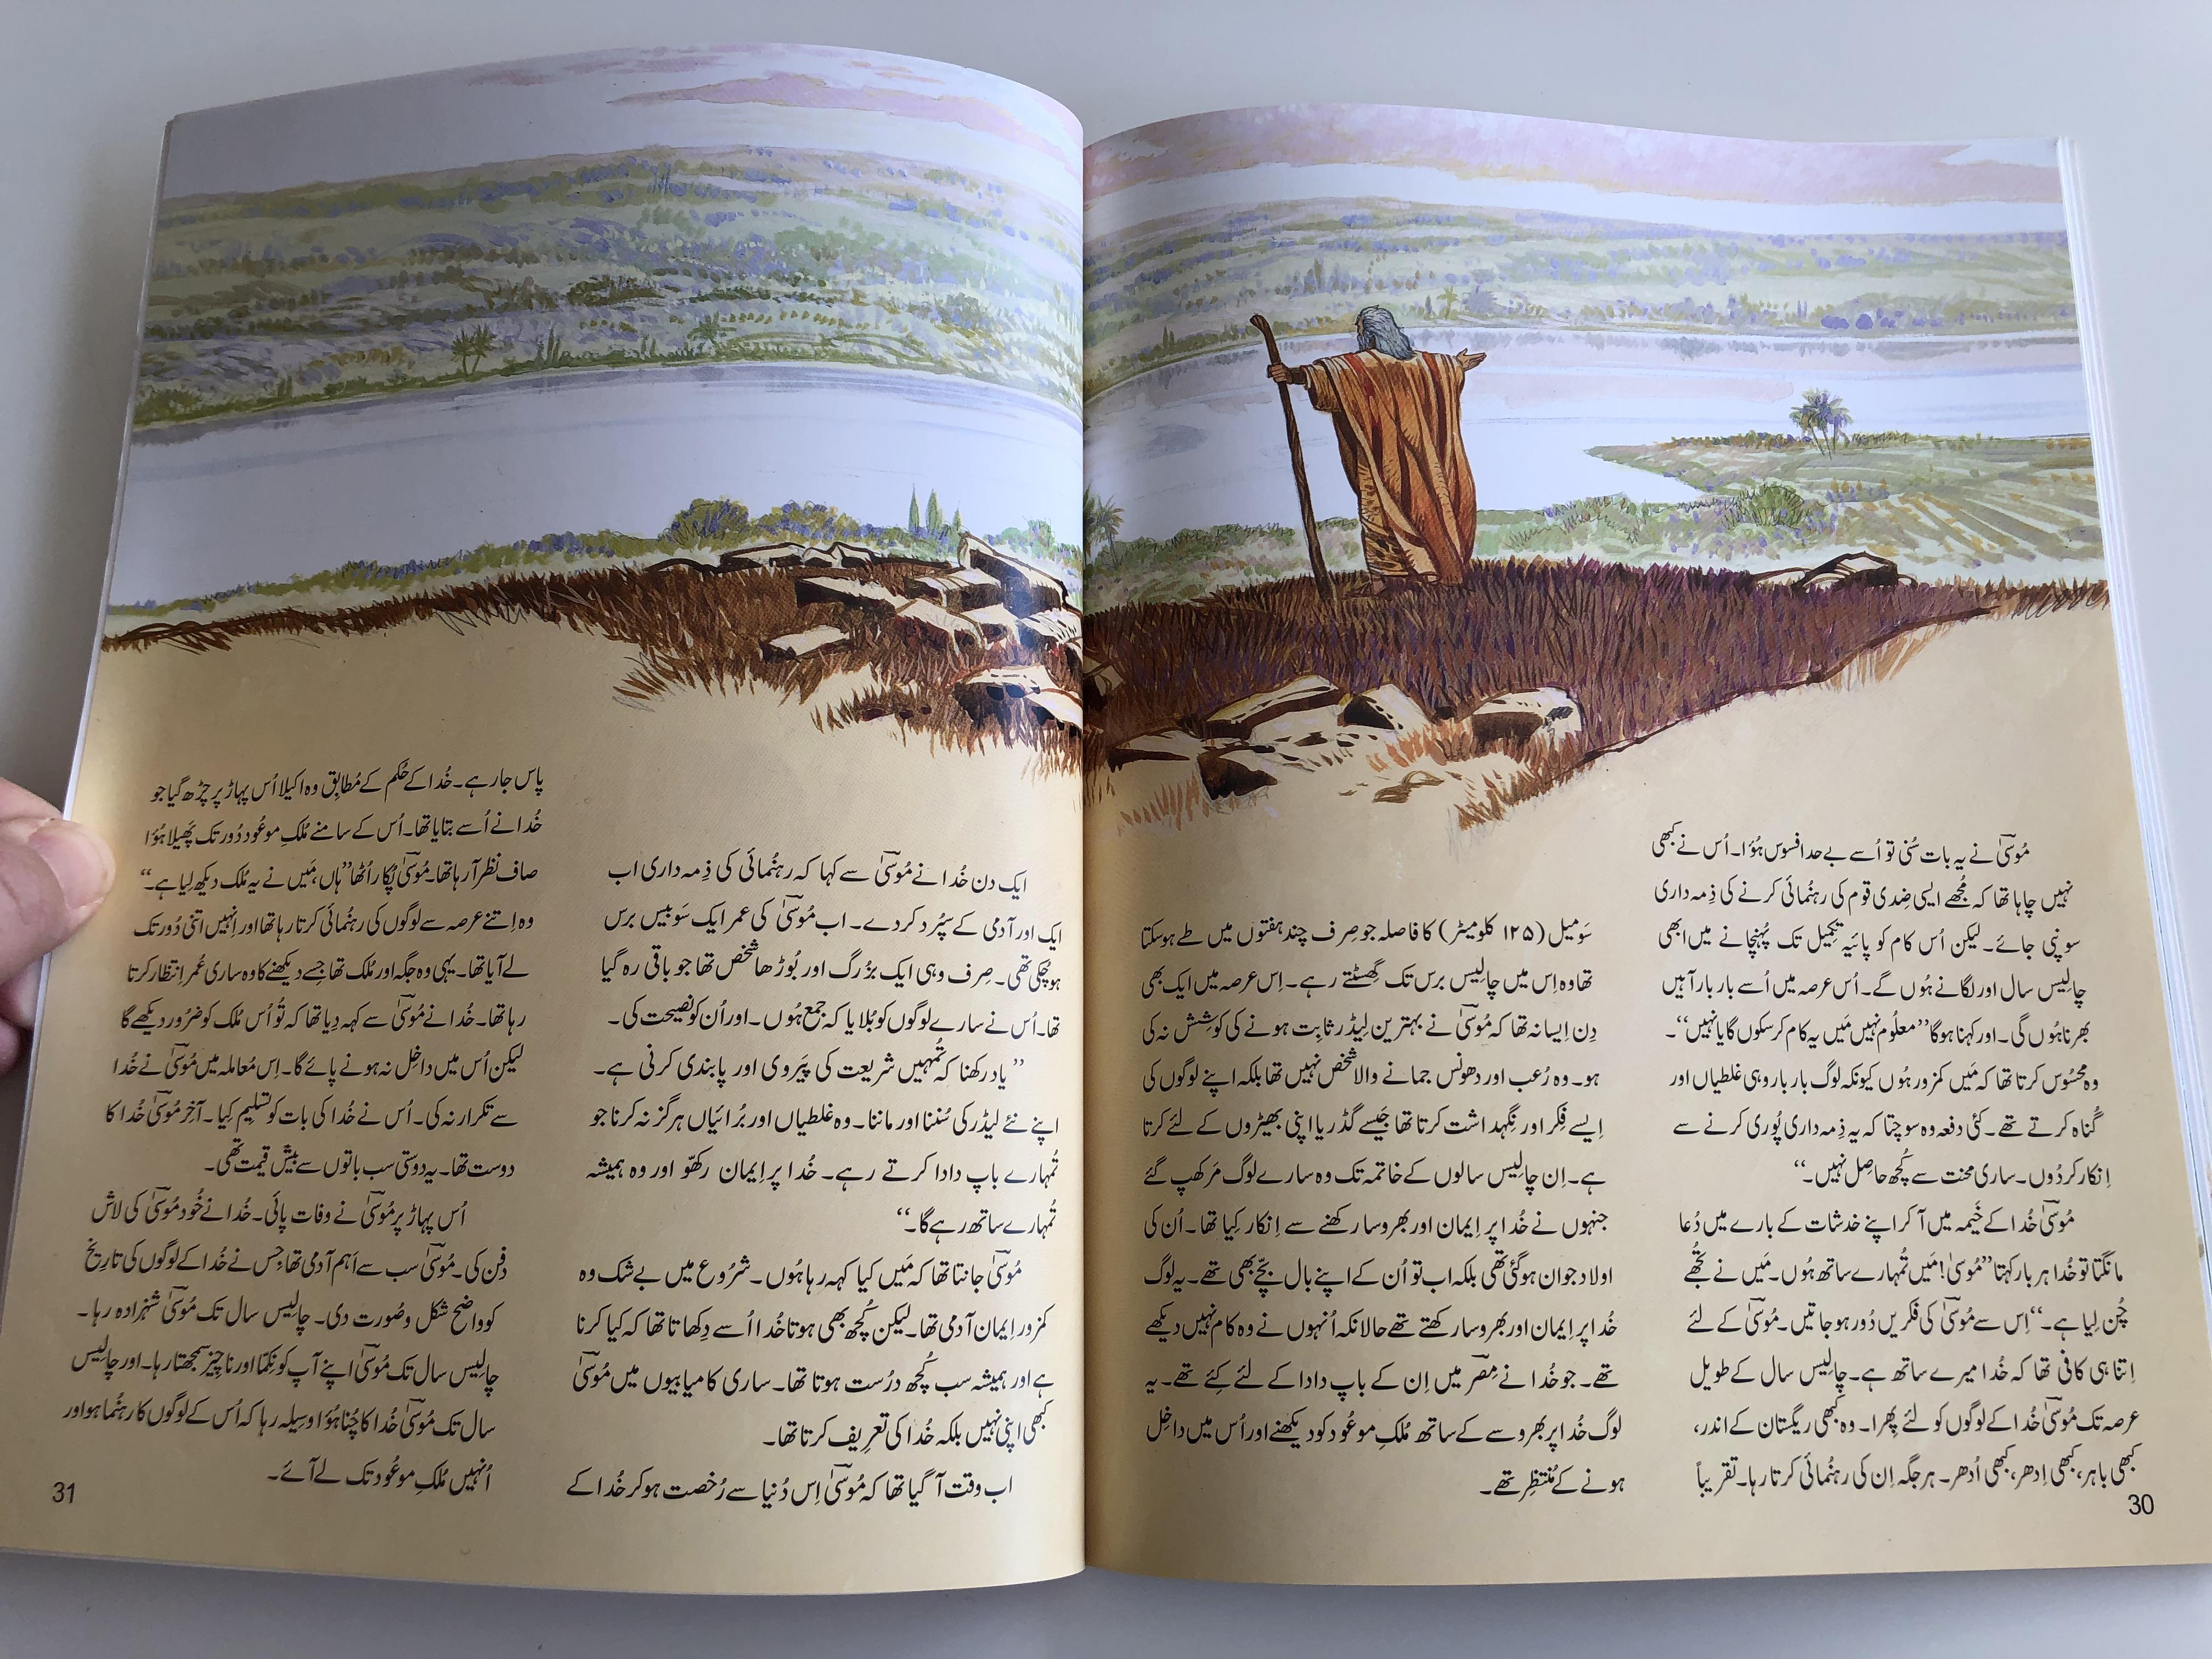 moses-god-s-chosen-leader-urdu-8.jpg